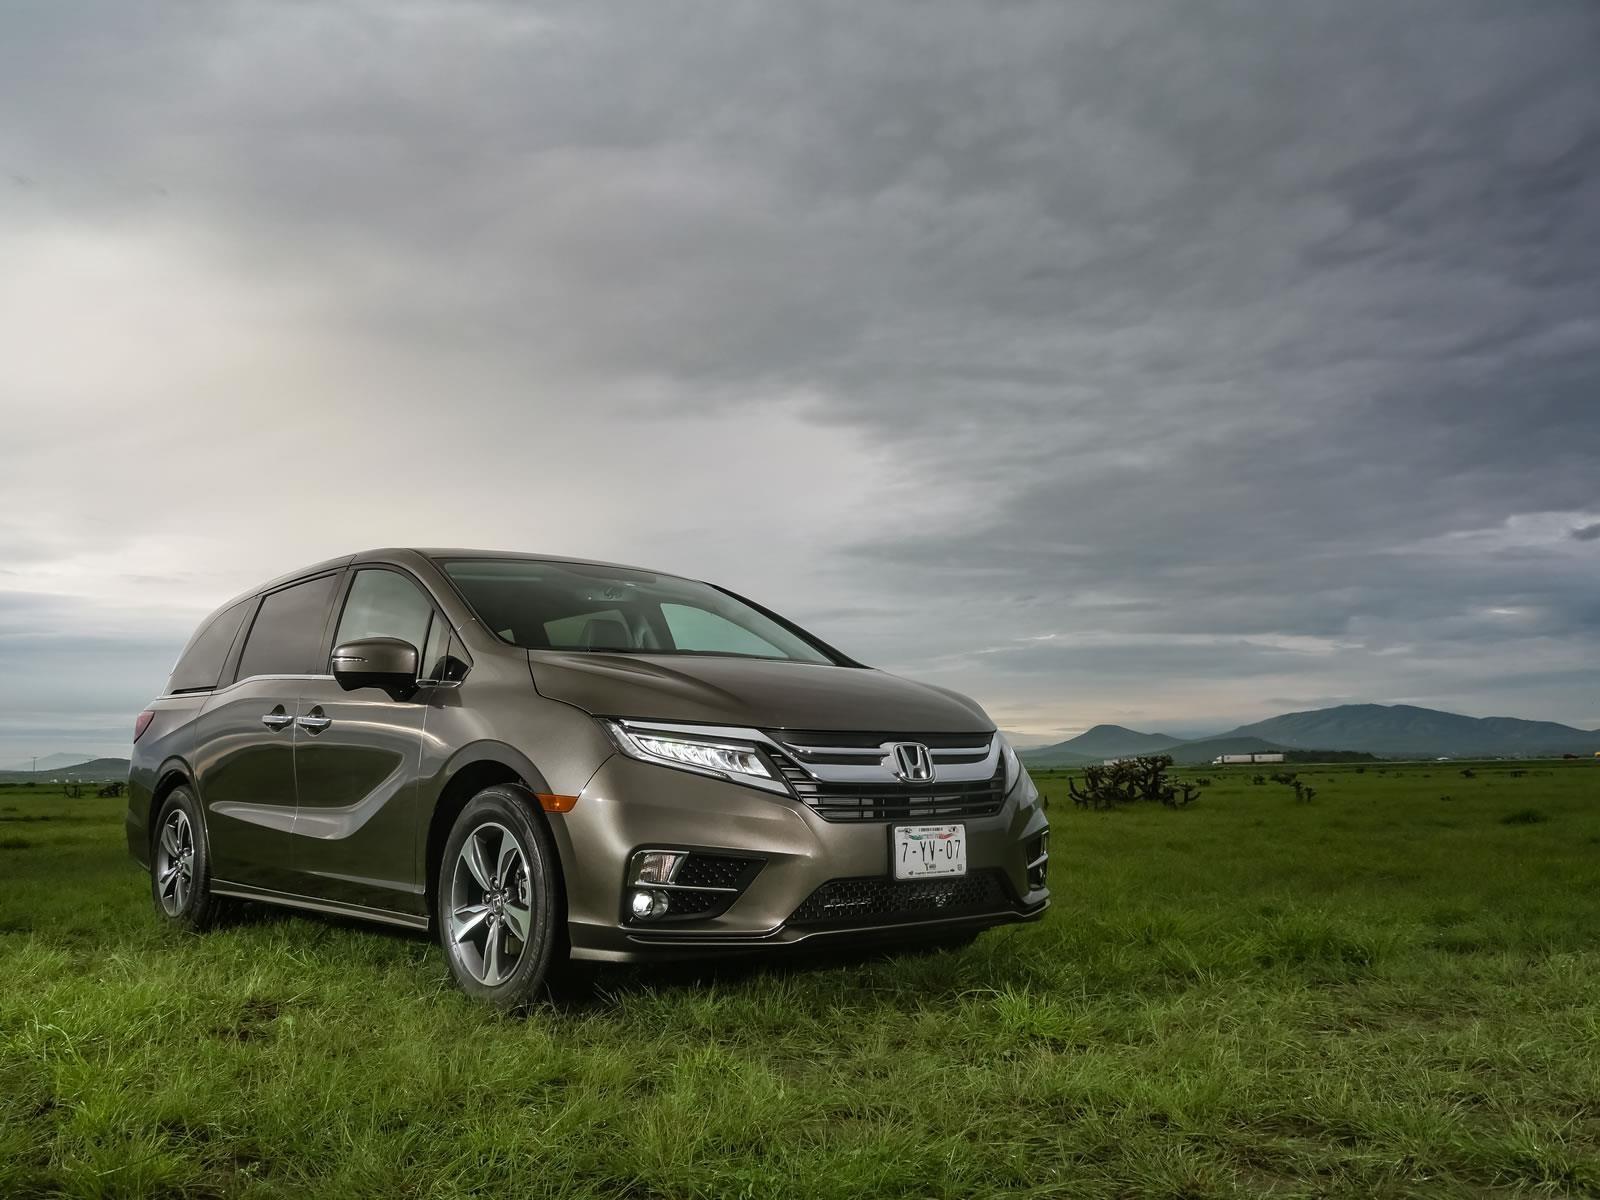 Honda Odyssey 2018 llega a México desde $719,900 pesos